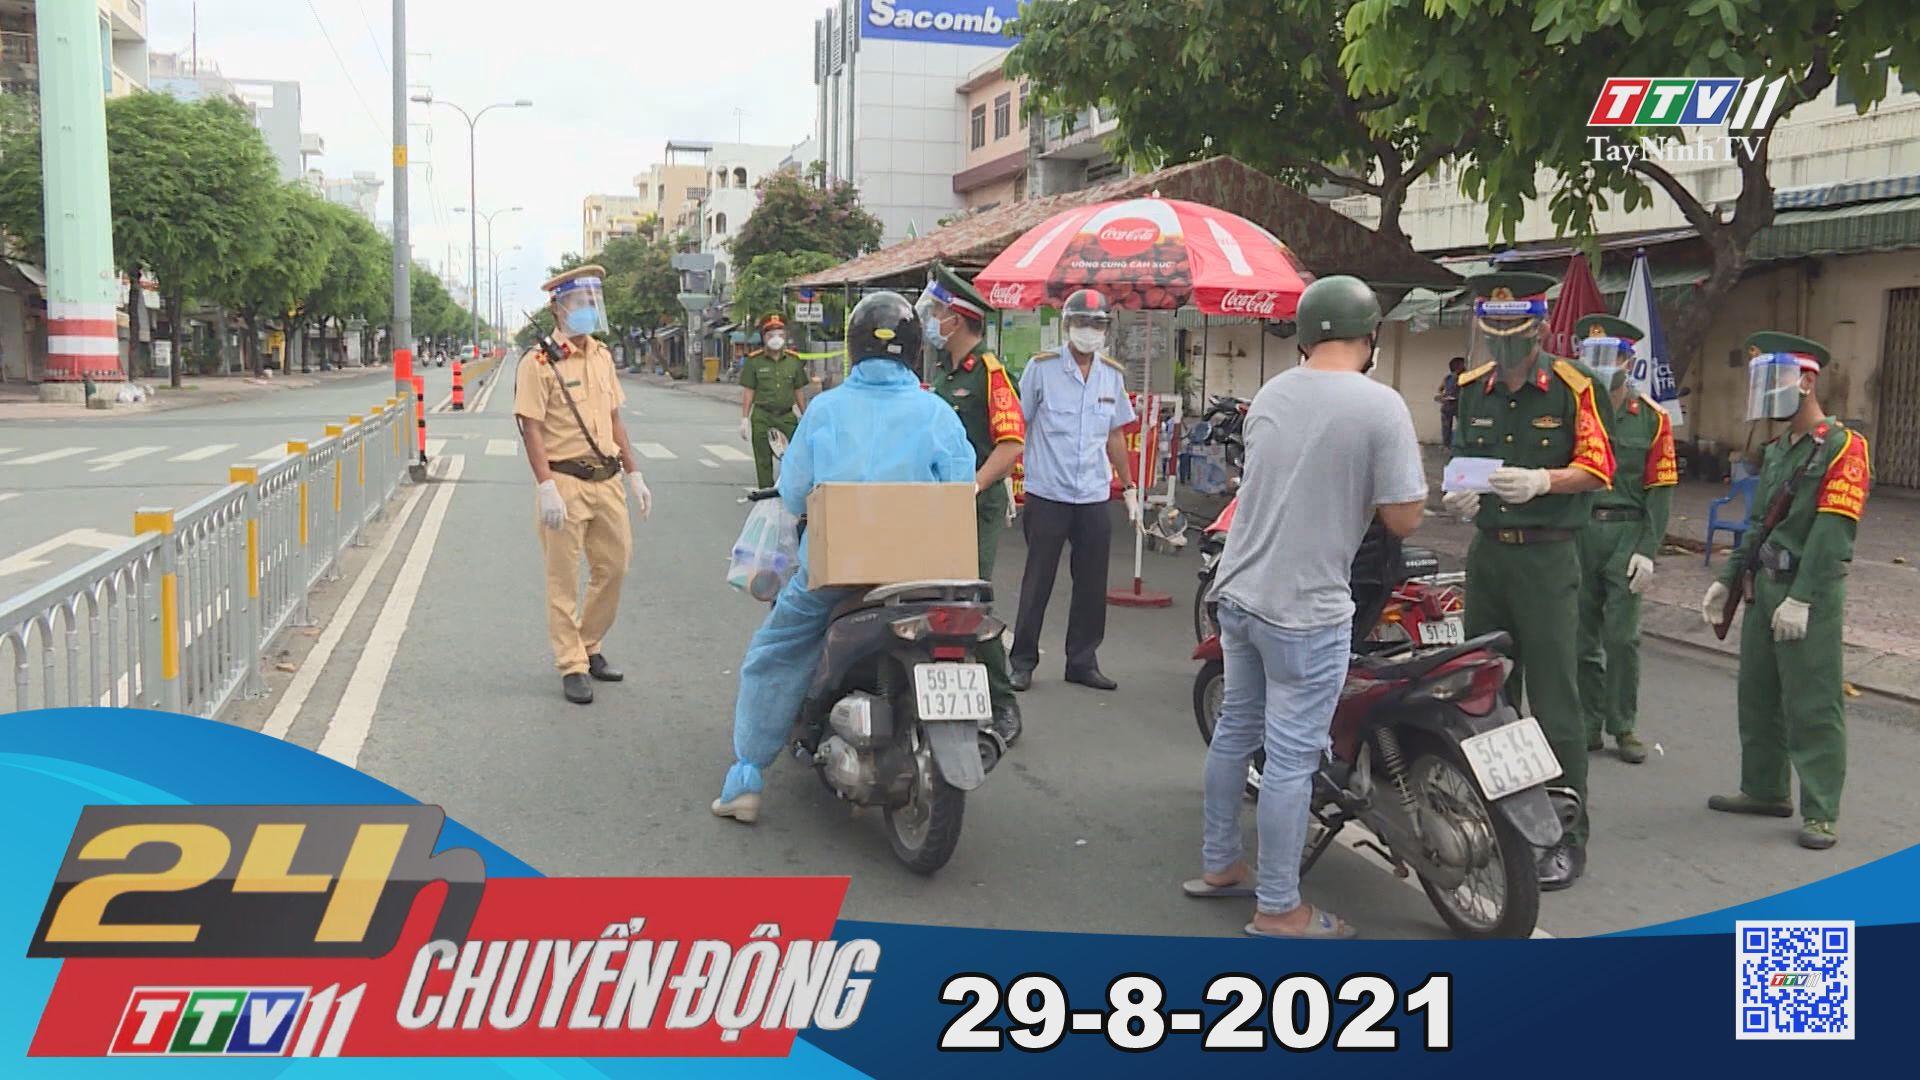 24h Chuyển động 29-8-2021 | Tin tức hôm nay | TayNinhTV